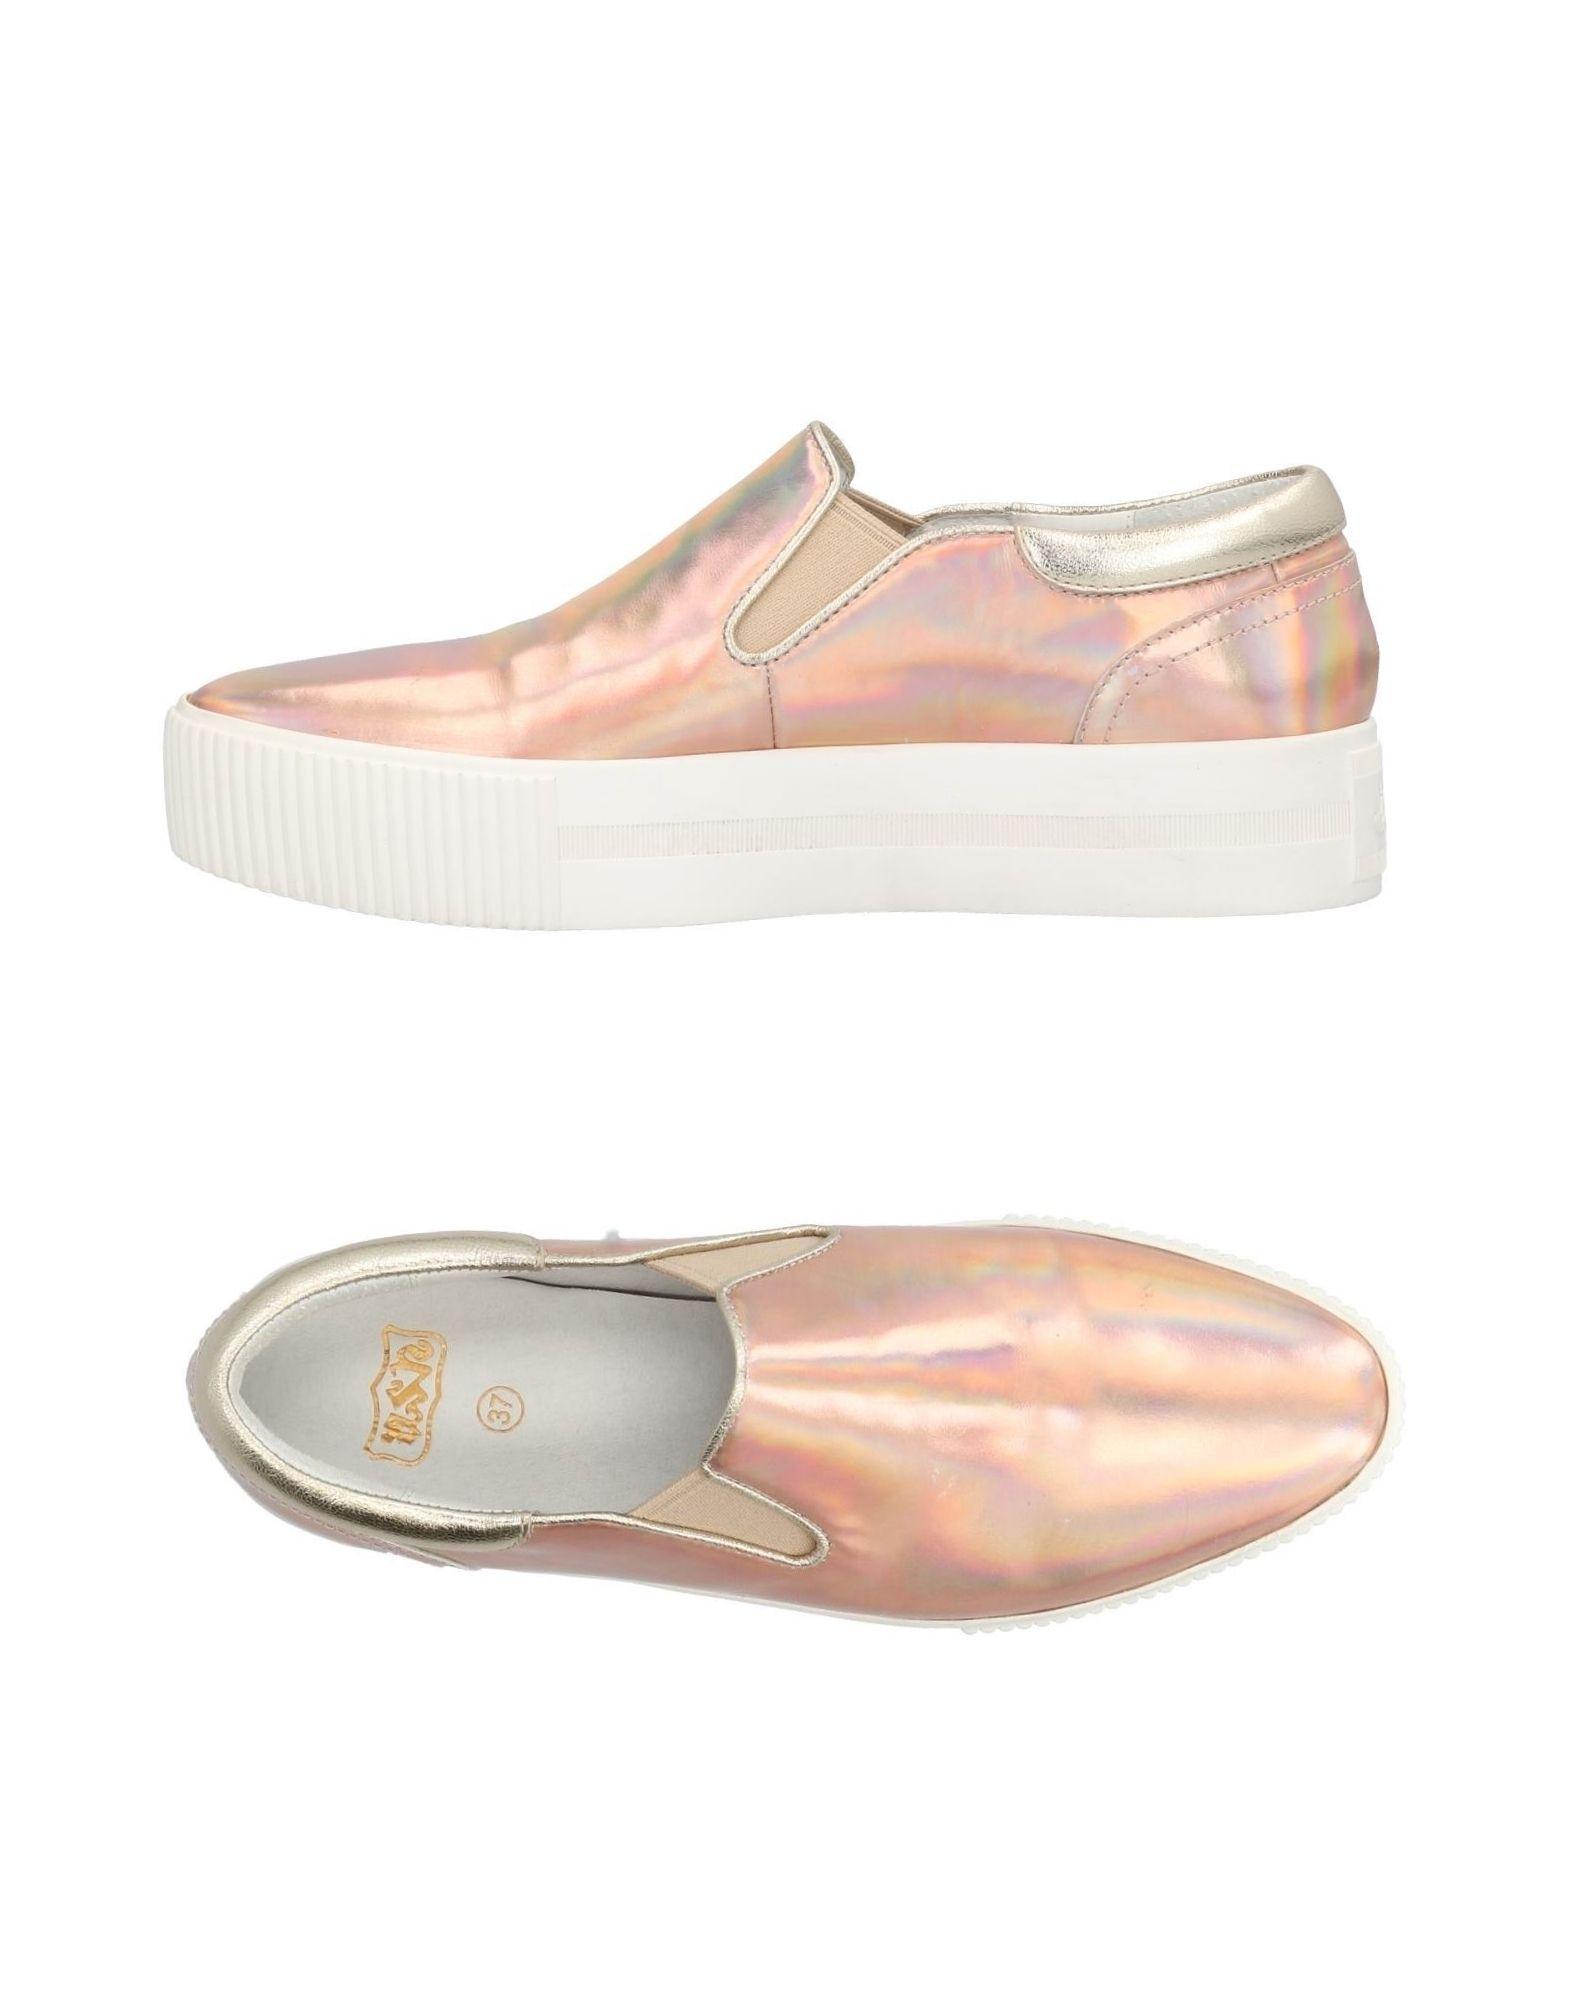 Moda Sneakers Donna Ash Donna Sneakers - 11421882CX 341293